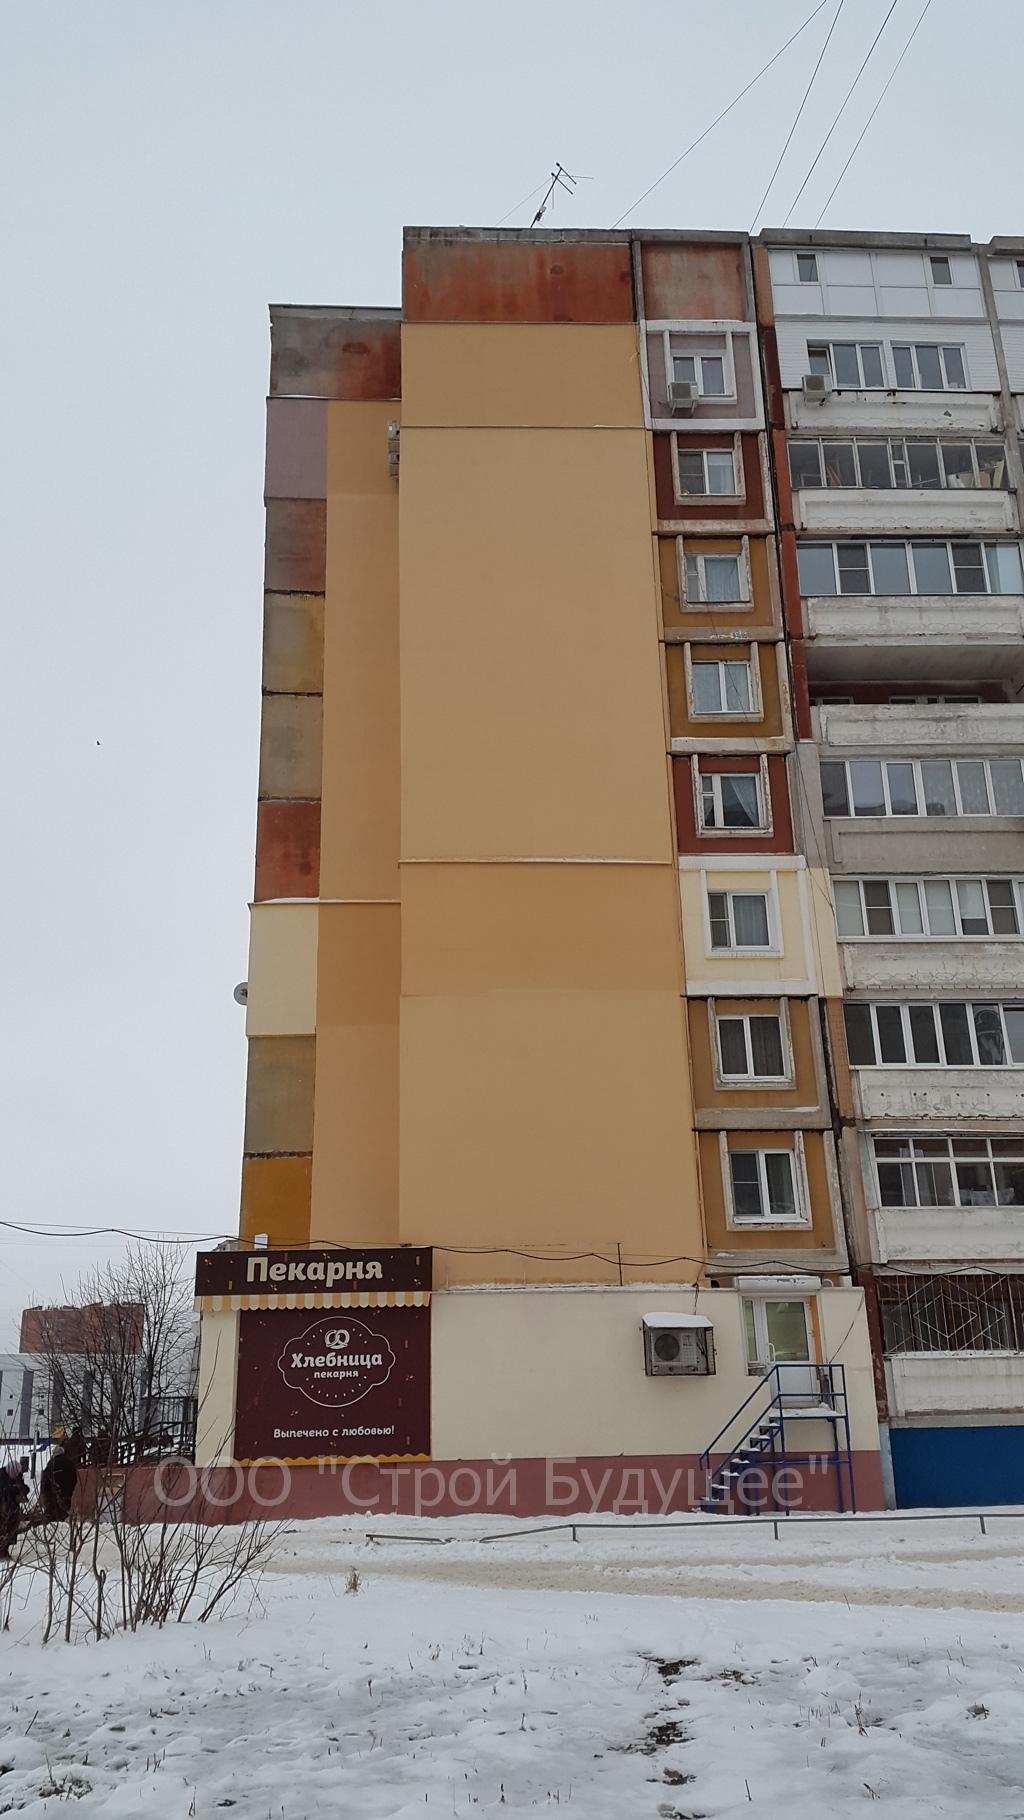 Скачать образец сметы на ремонт фасада здания